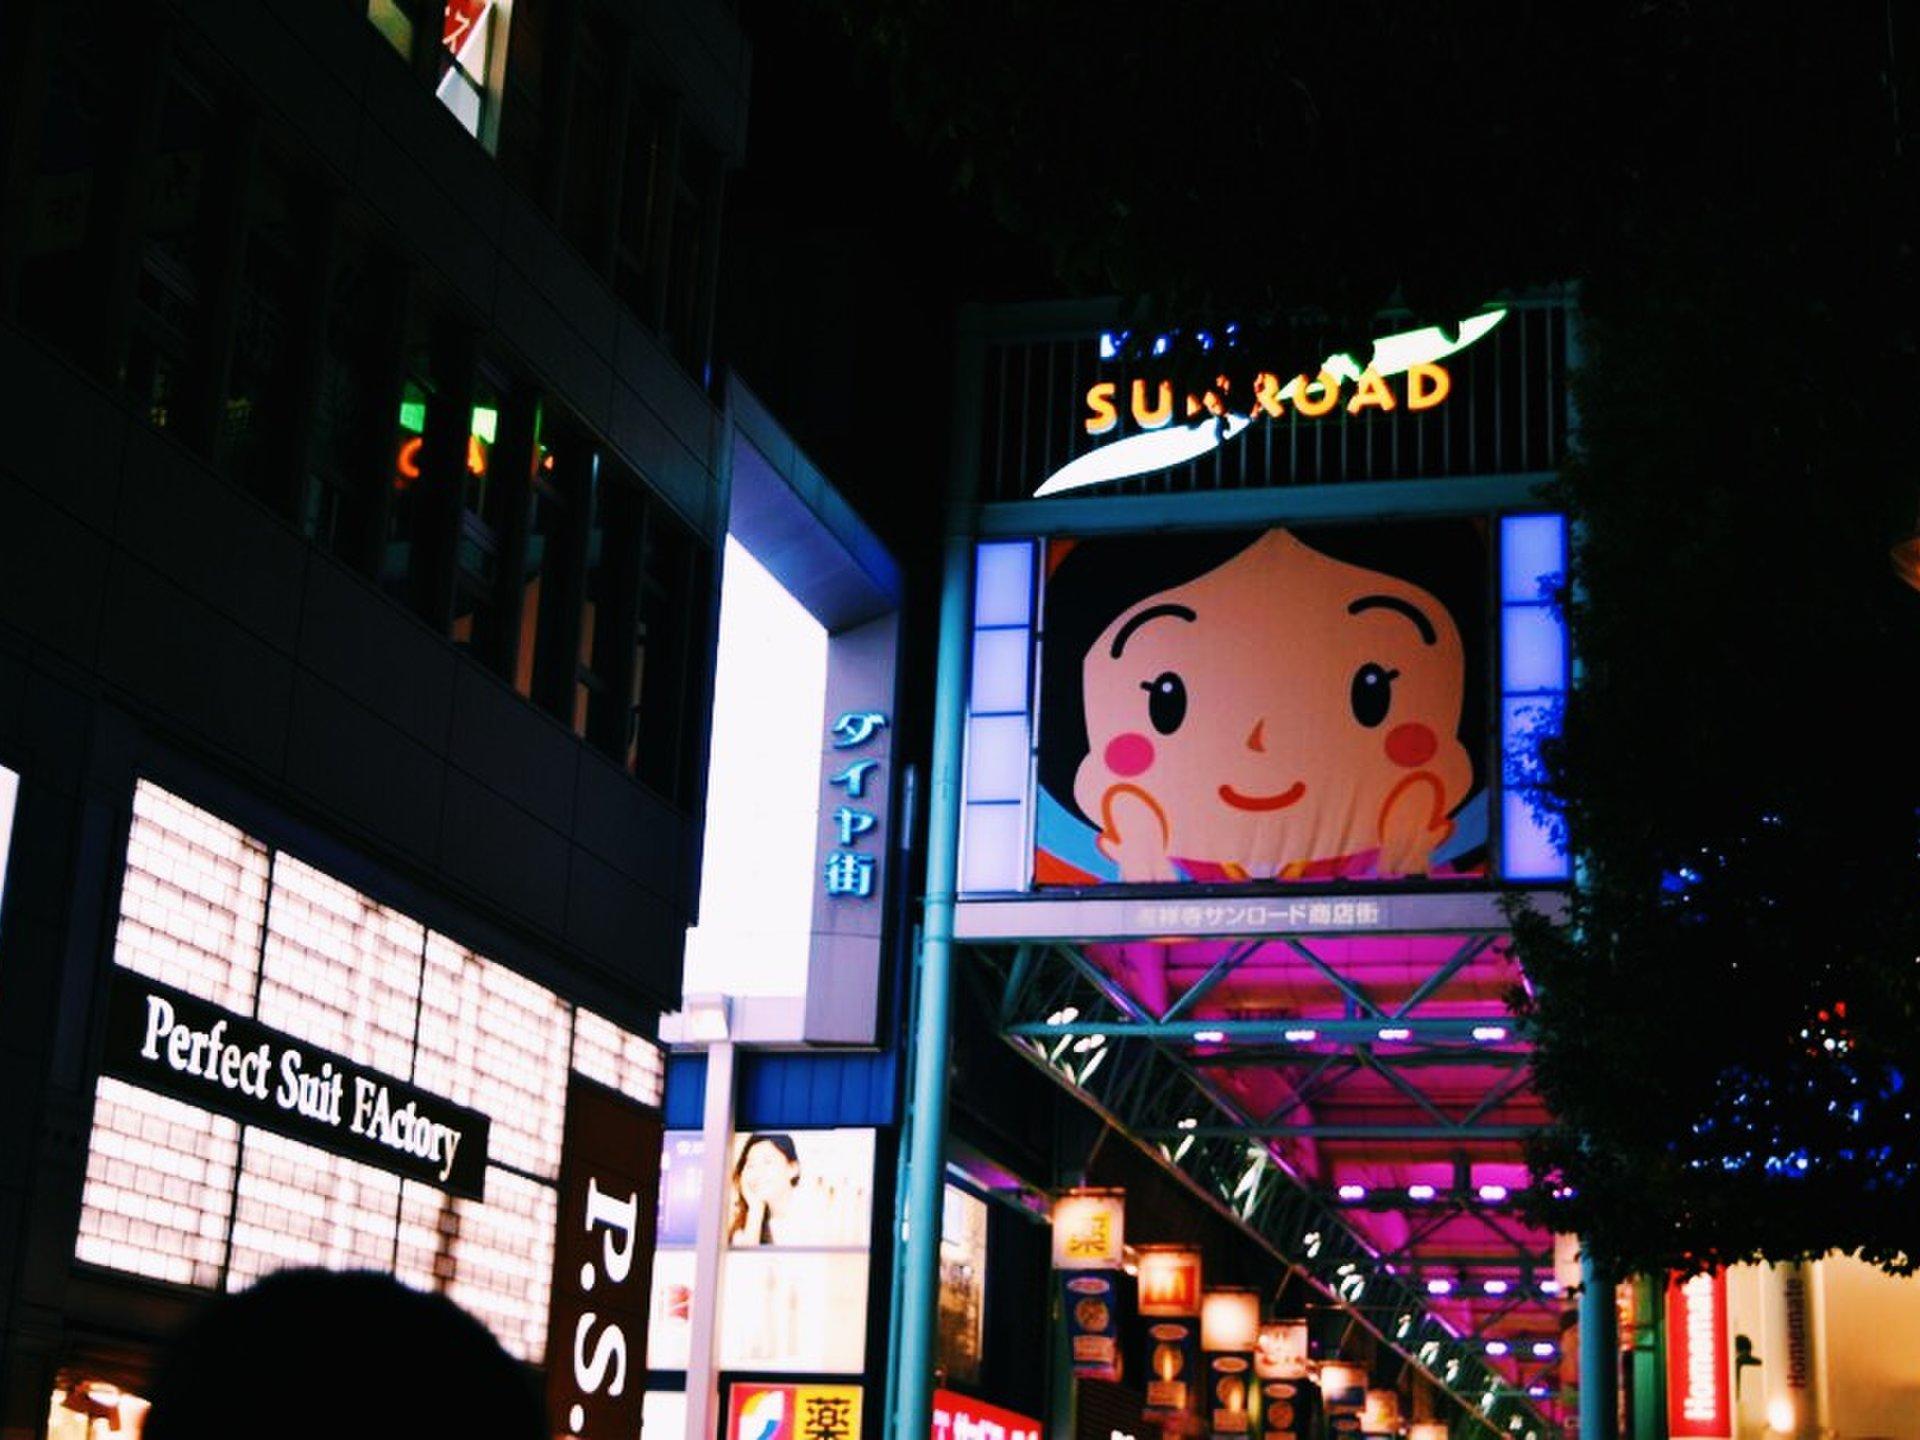 吉祥寺サンロード商店街振興組合